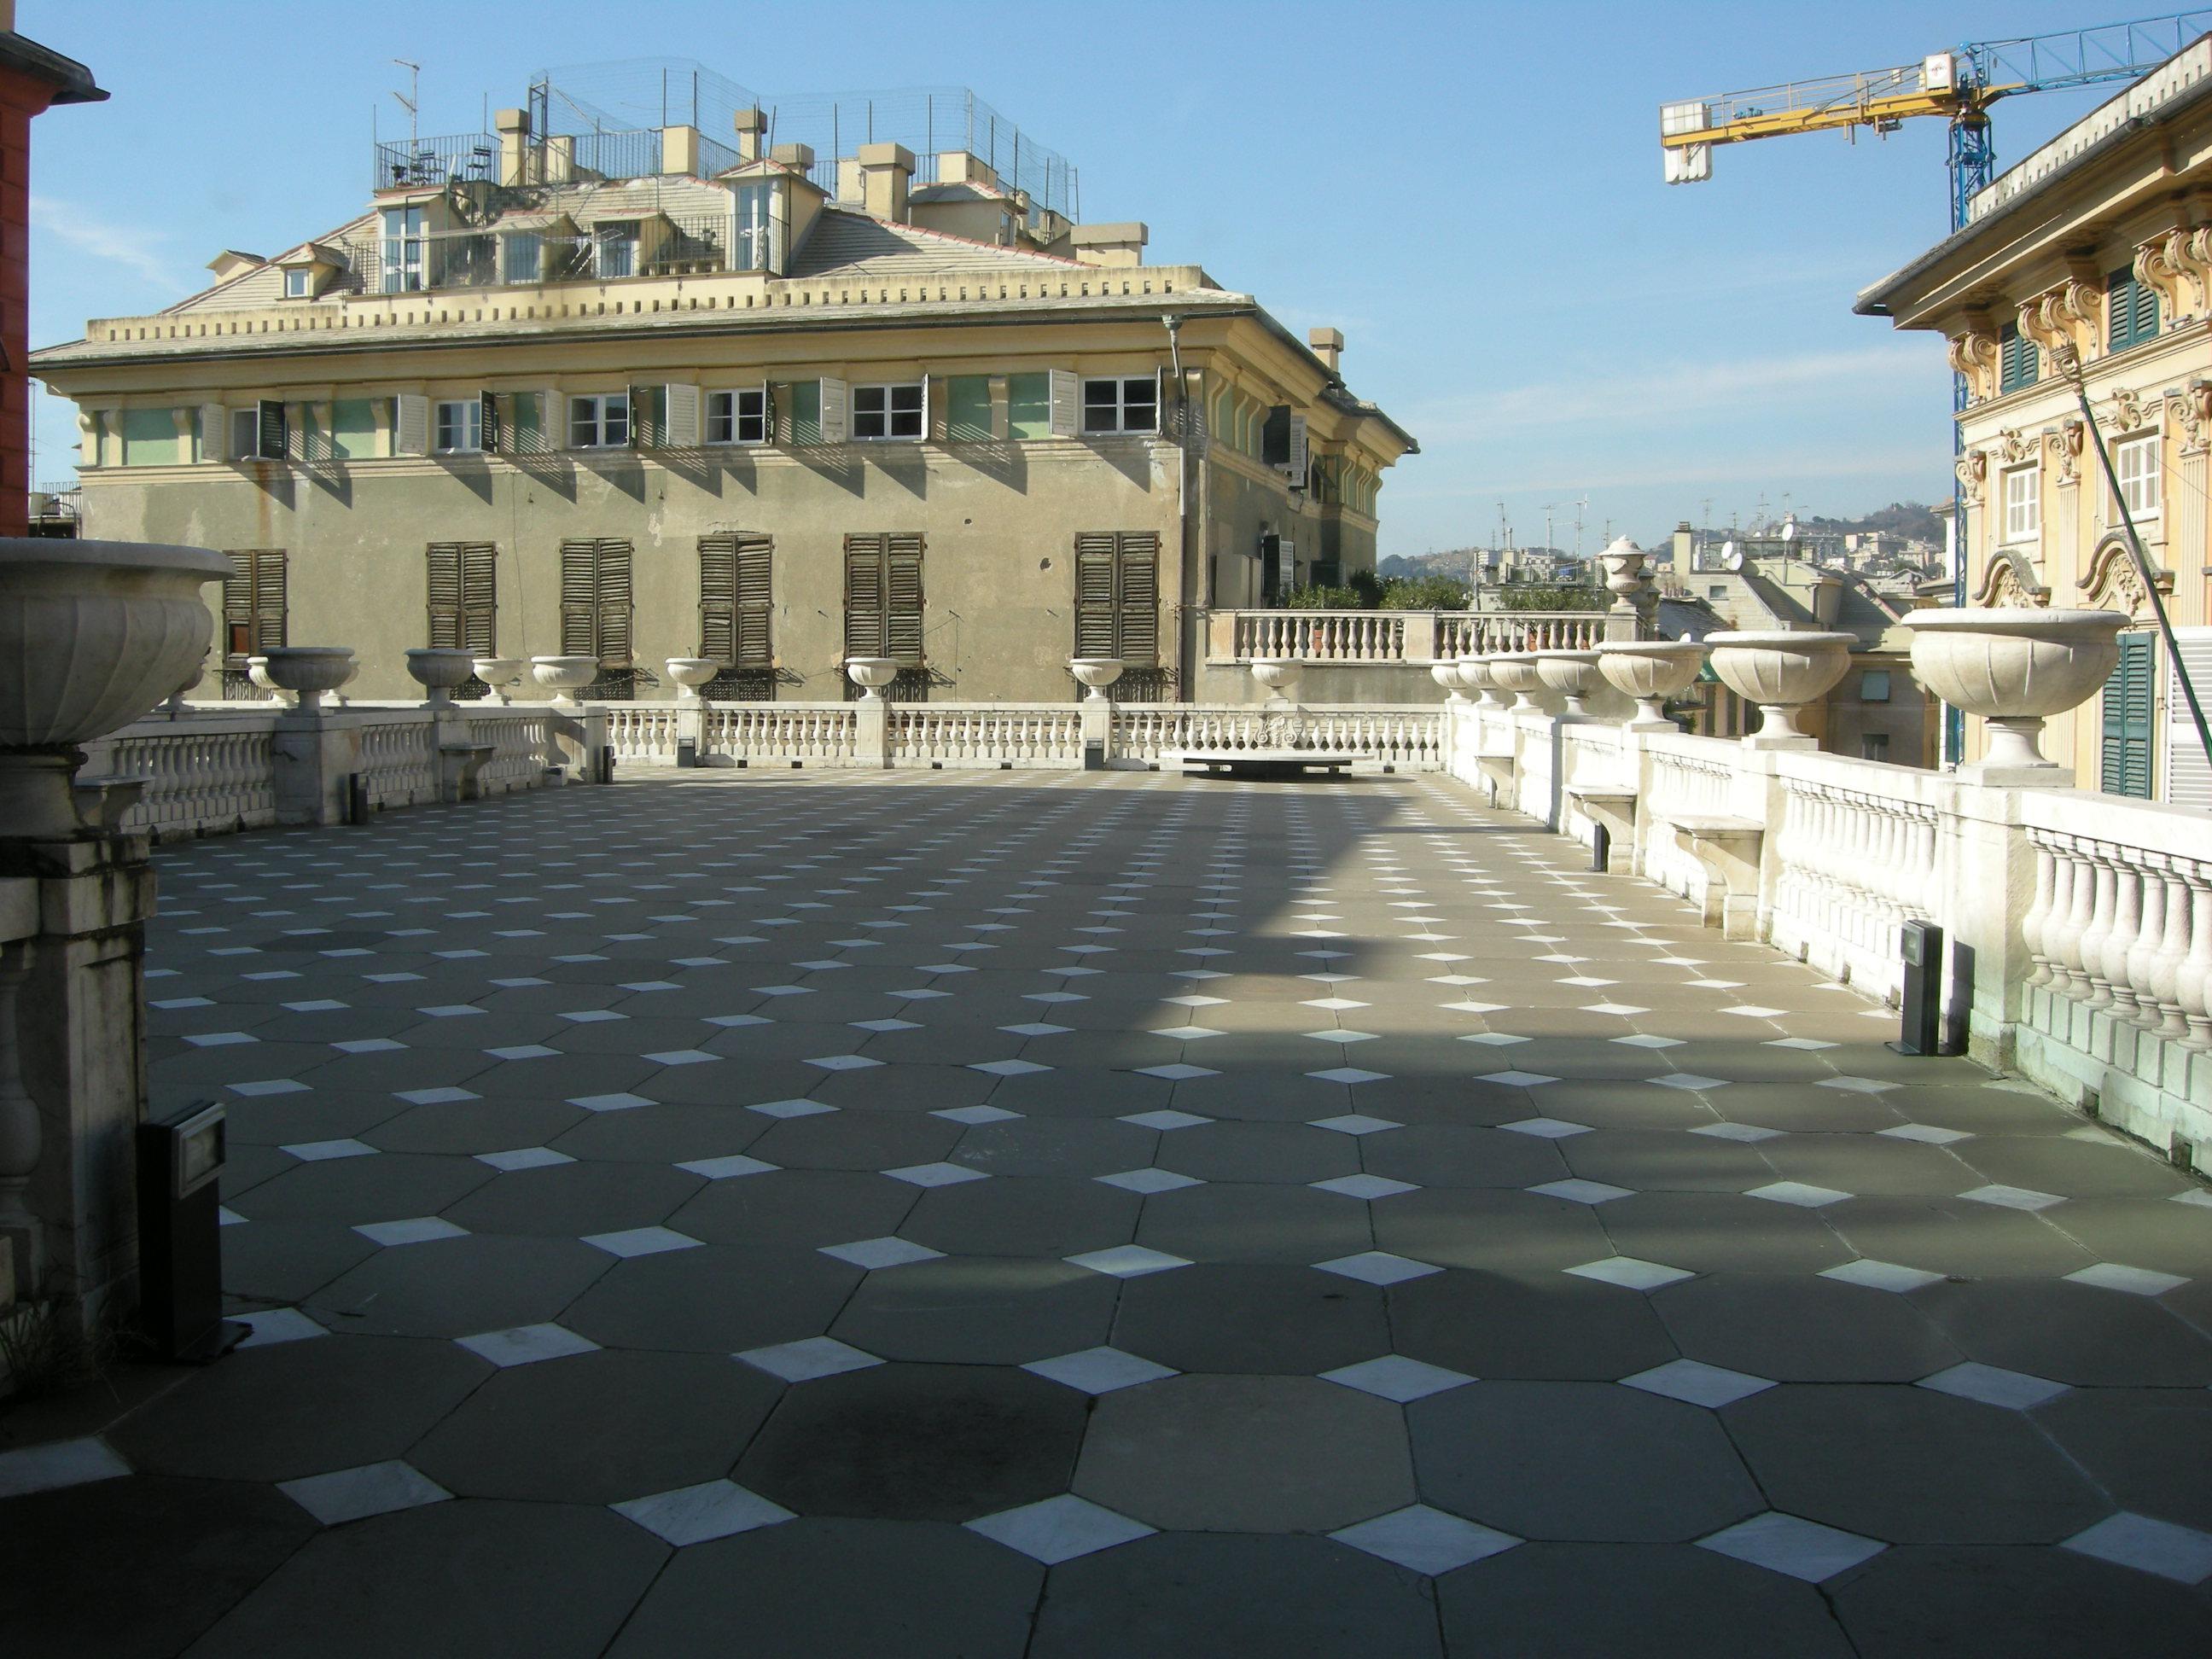 File:Palazzo rosso, terrazza.JPG - Wikimedia Commons